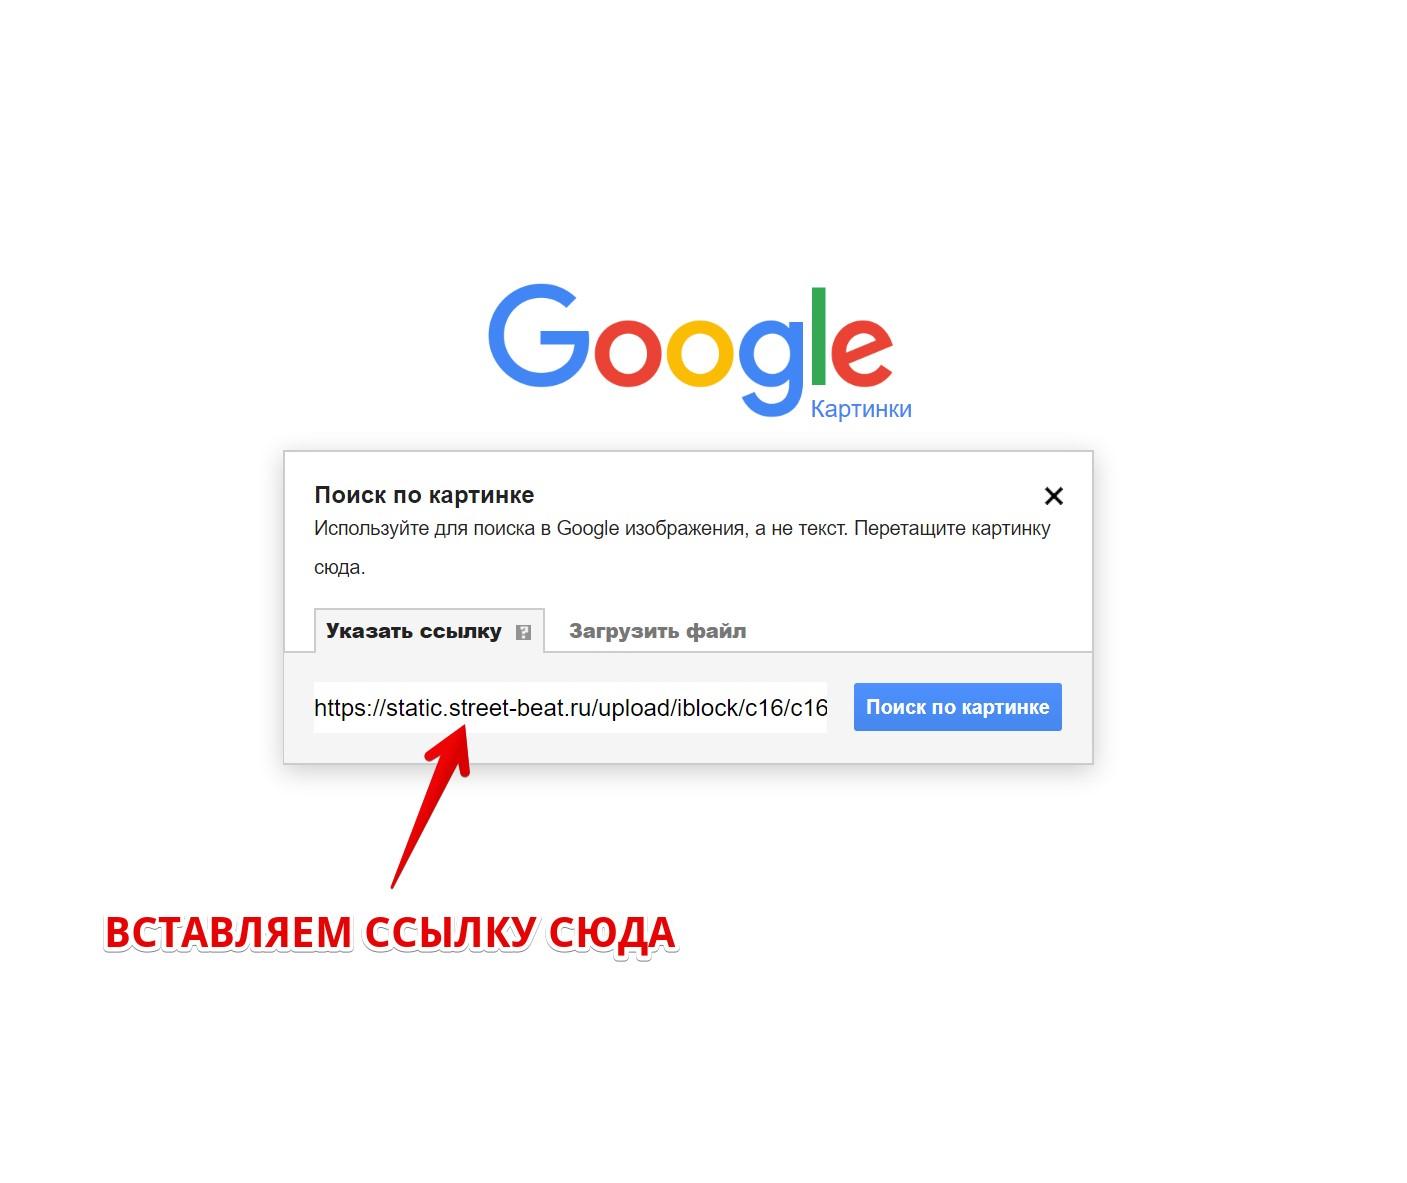 poisk-po-kartinke-google.jpg